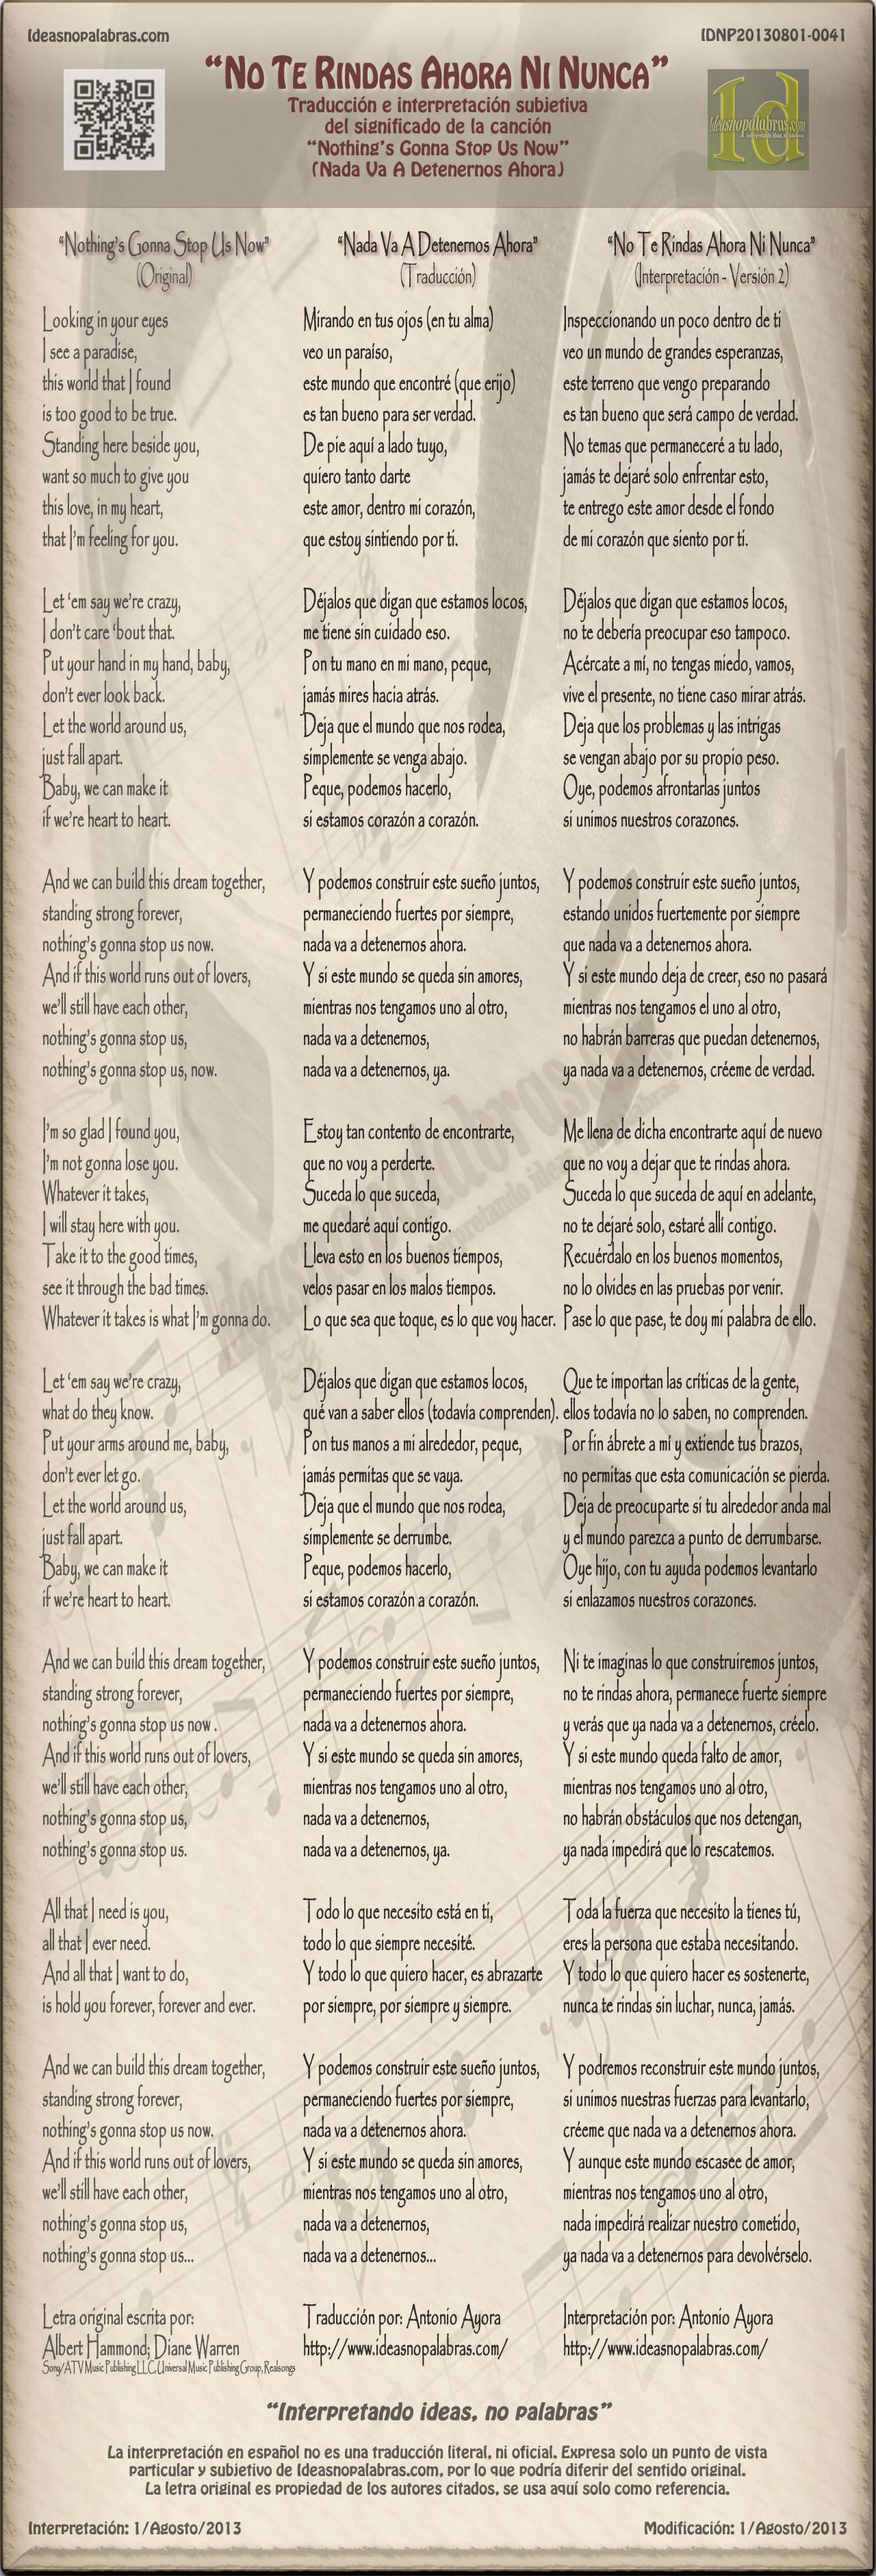 IDNP20130801-0041 Traducción Nada Va A Detenernos Ahora Nothing's Gonna Stop Us Now